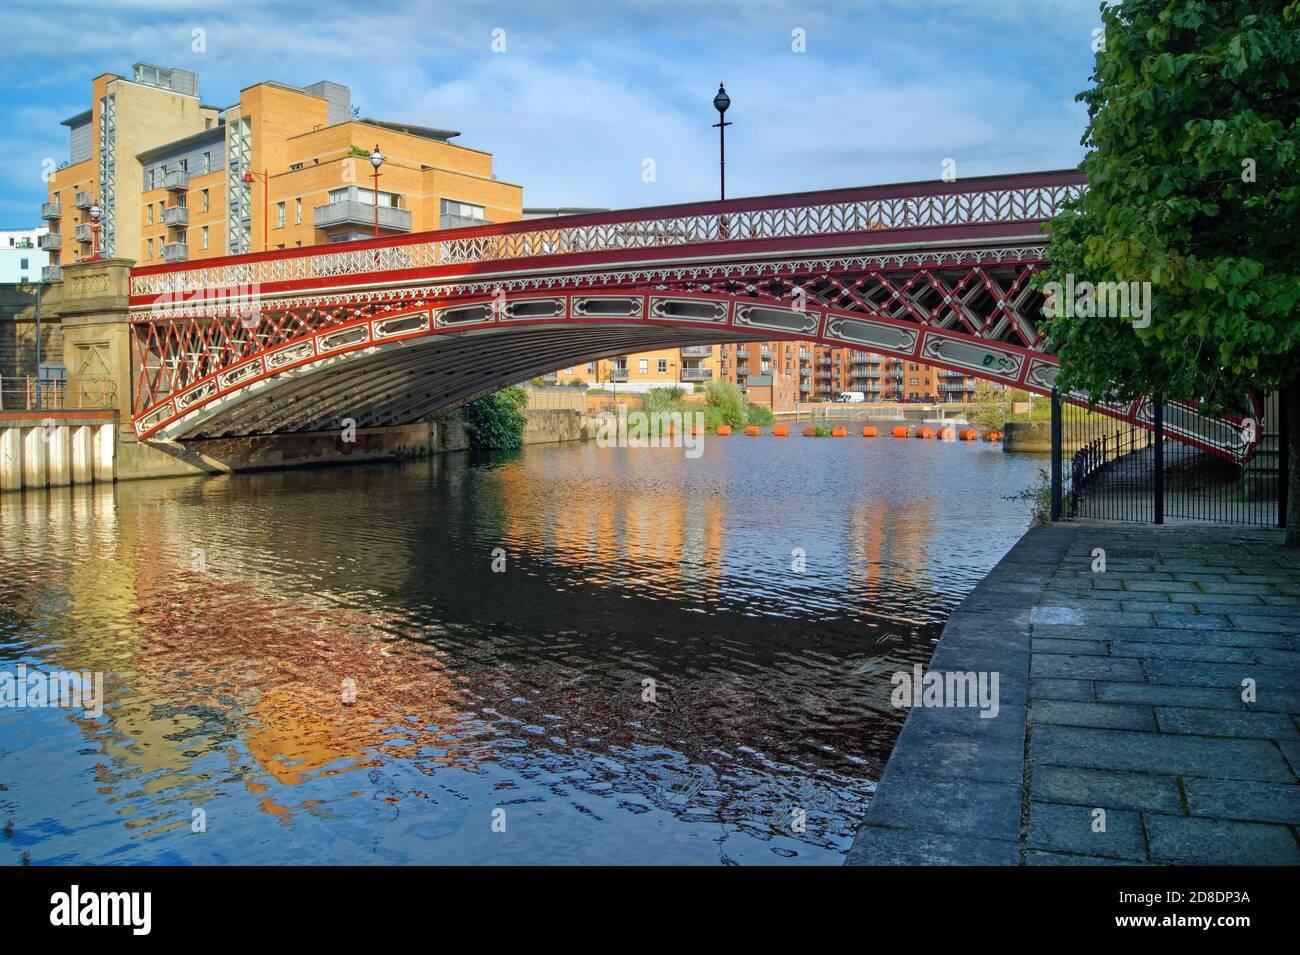 Royaume-Uni, West Yorkshire, Leeds, Crown point Bridge au-dessus de la rivière aire, entouré d'une promenade au bord de la rivière, de bureaux et d'appartements modernes au bord de l'eau. Banque D'Images